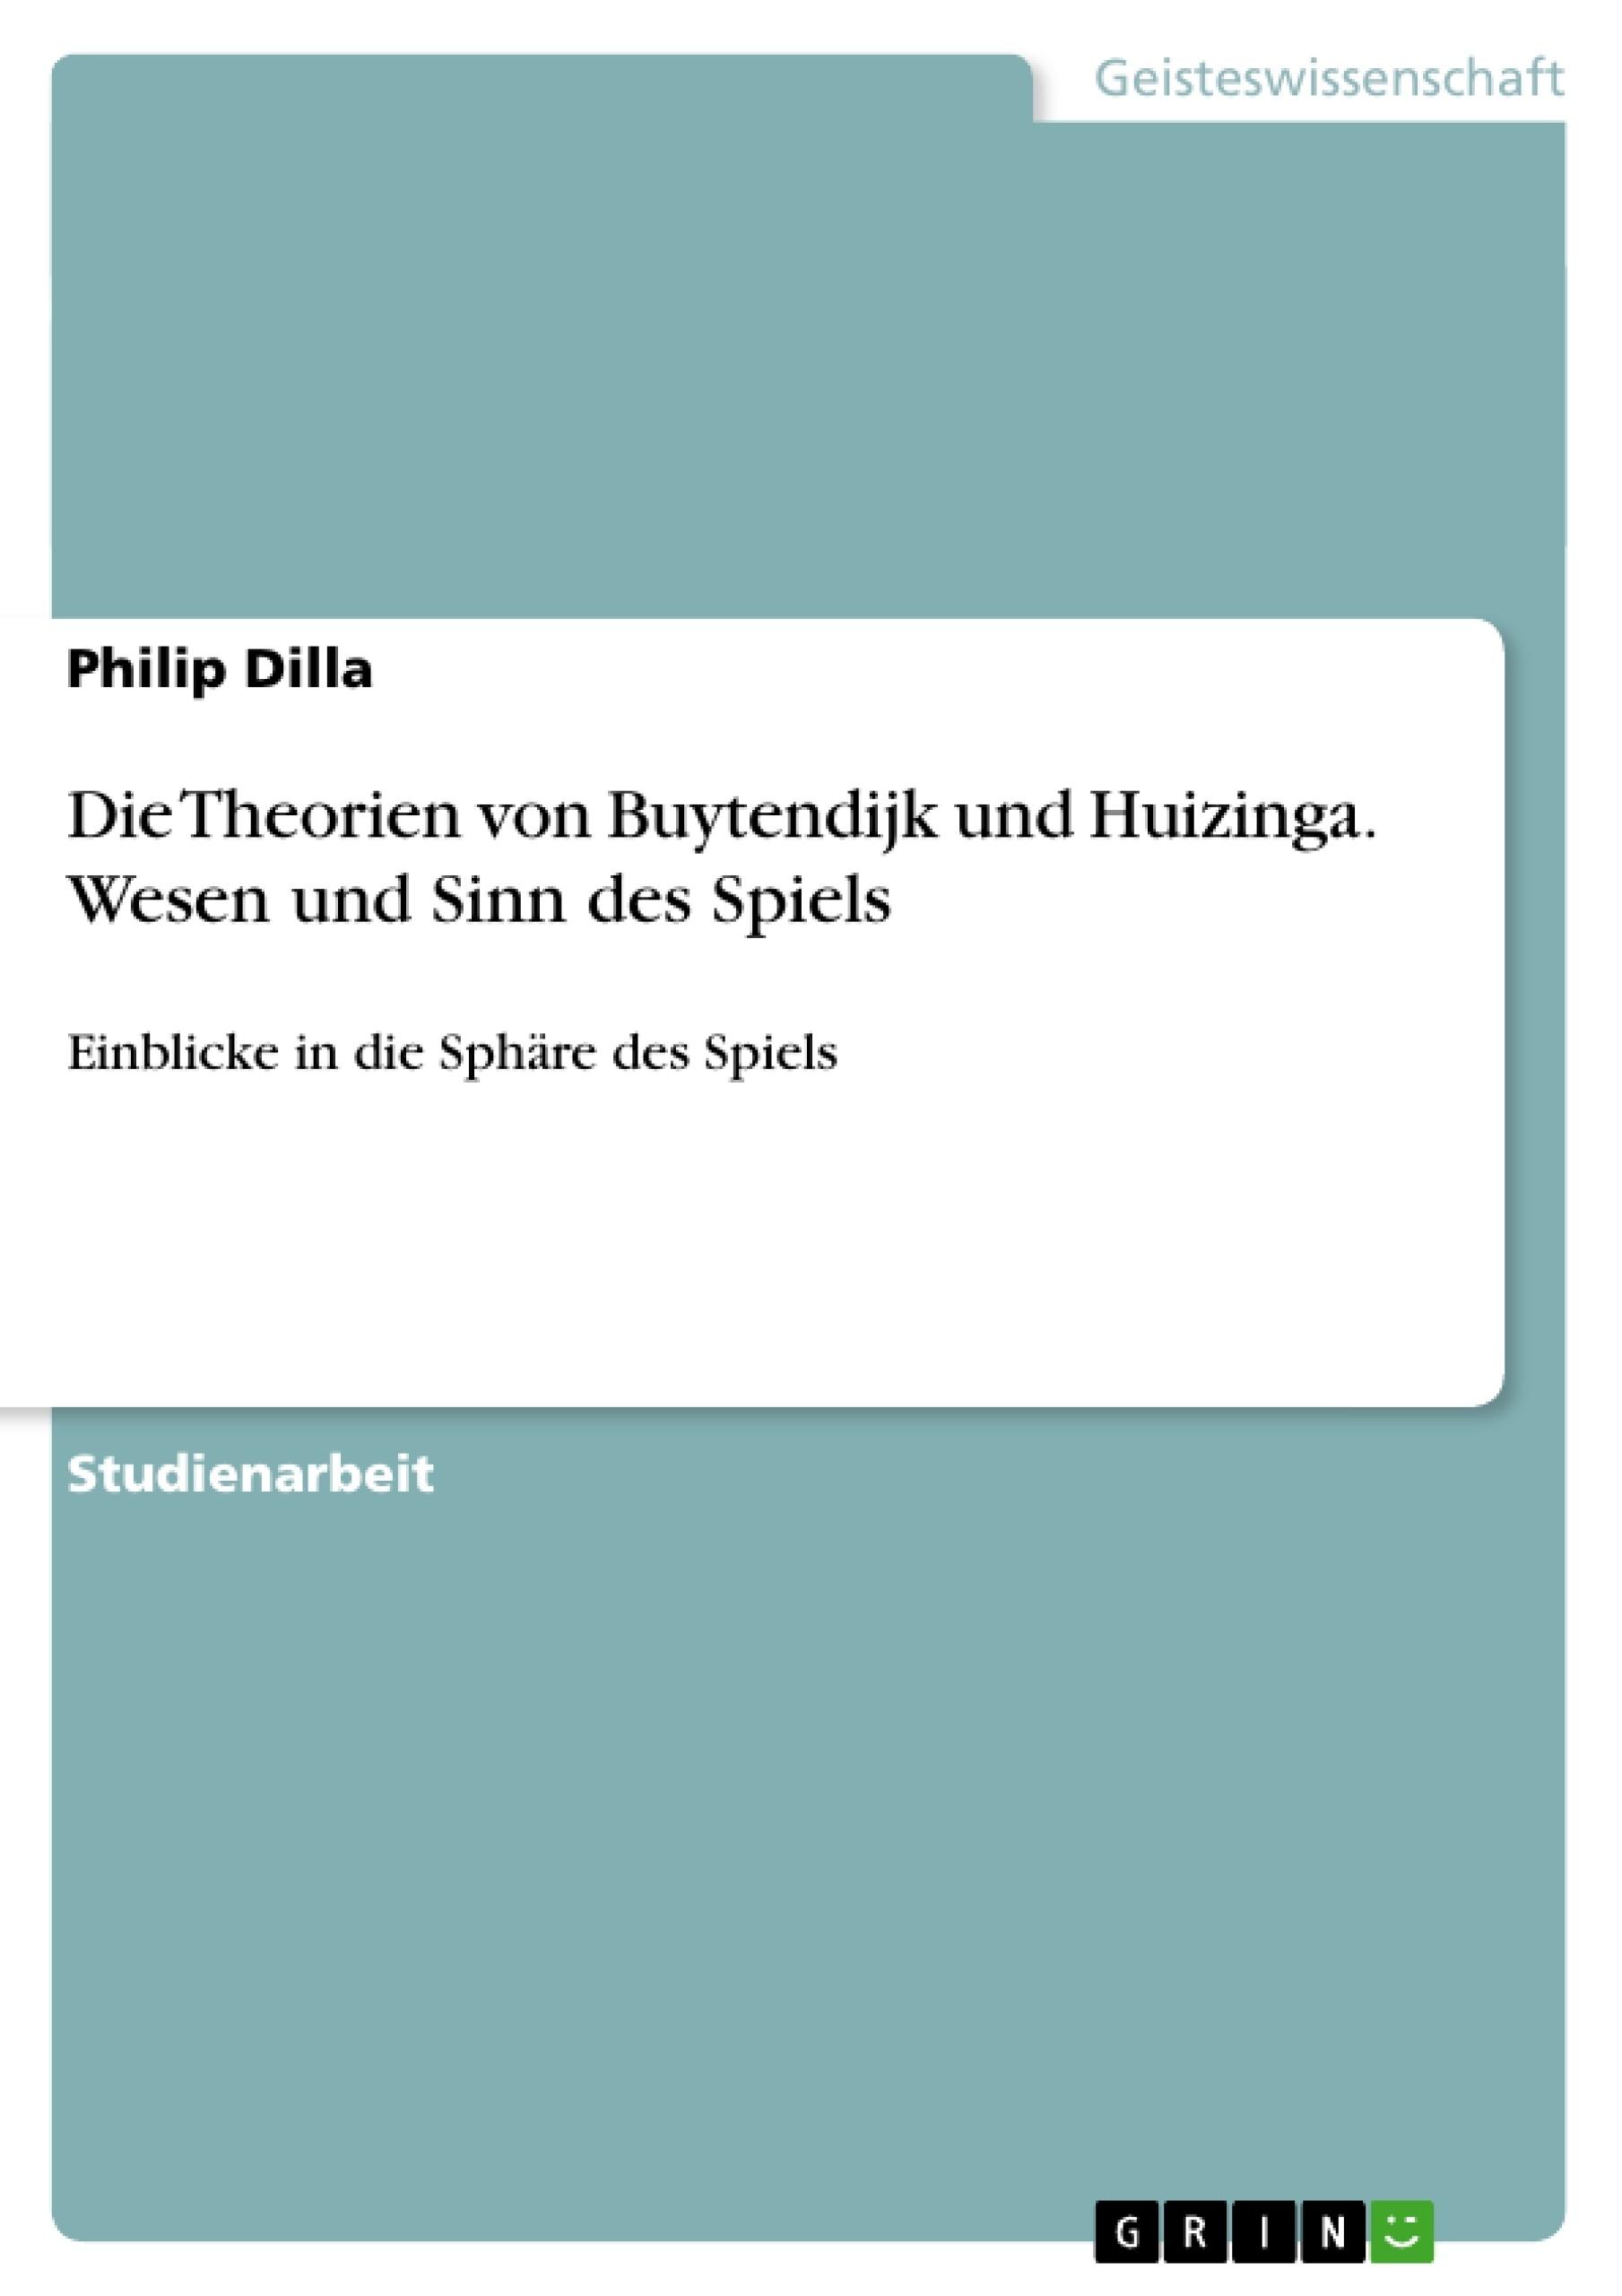 Titel: Die Theorien von Buytendijk und Huizinga. Wesen und Sinn des Spiels